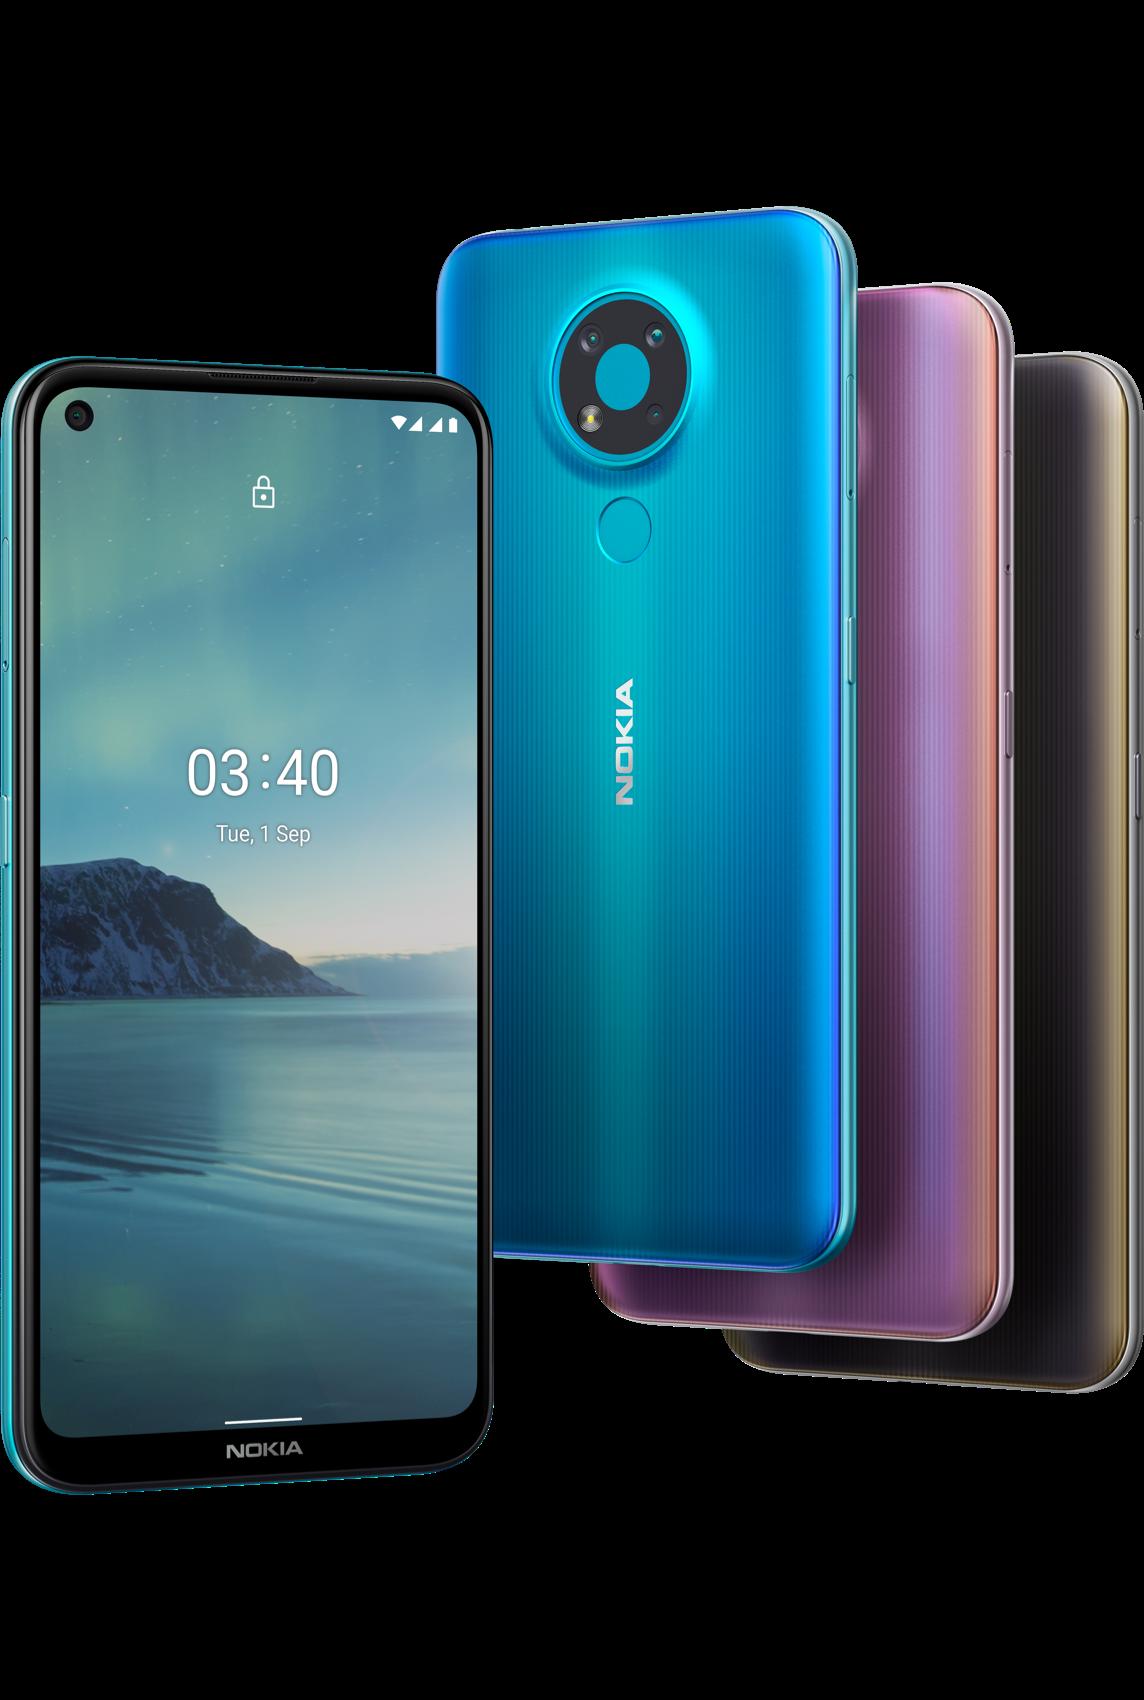 Nokia 3 4 Mobile